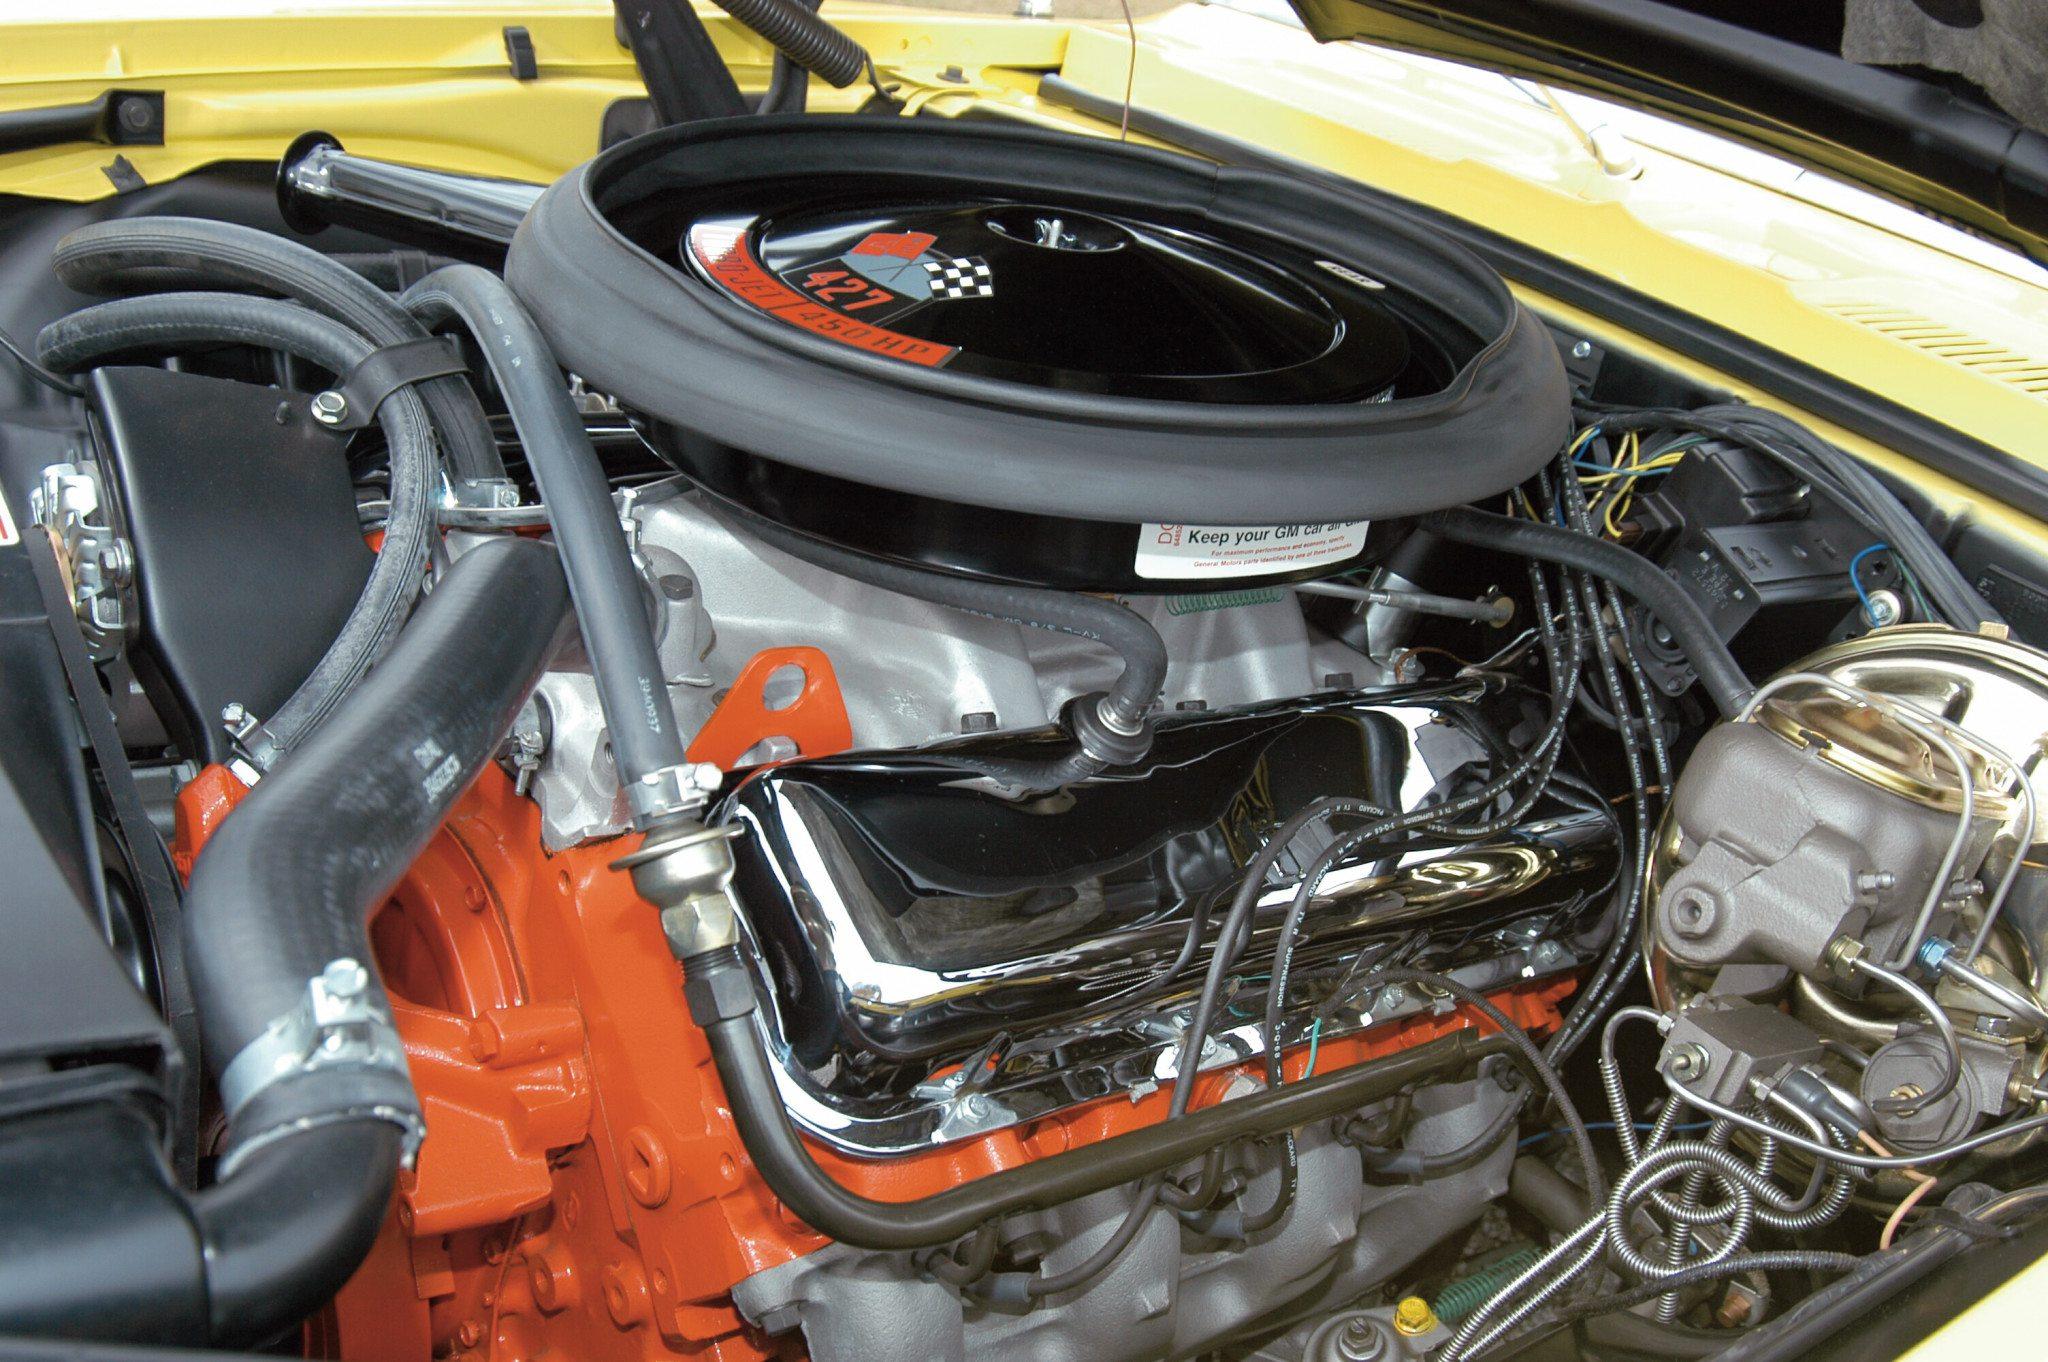 1969 Yenko Camaro L72 427 V8 Engine